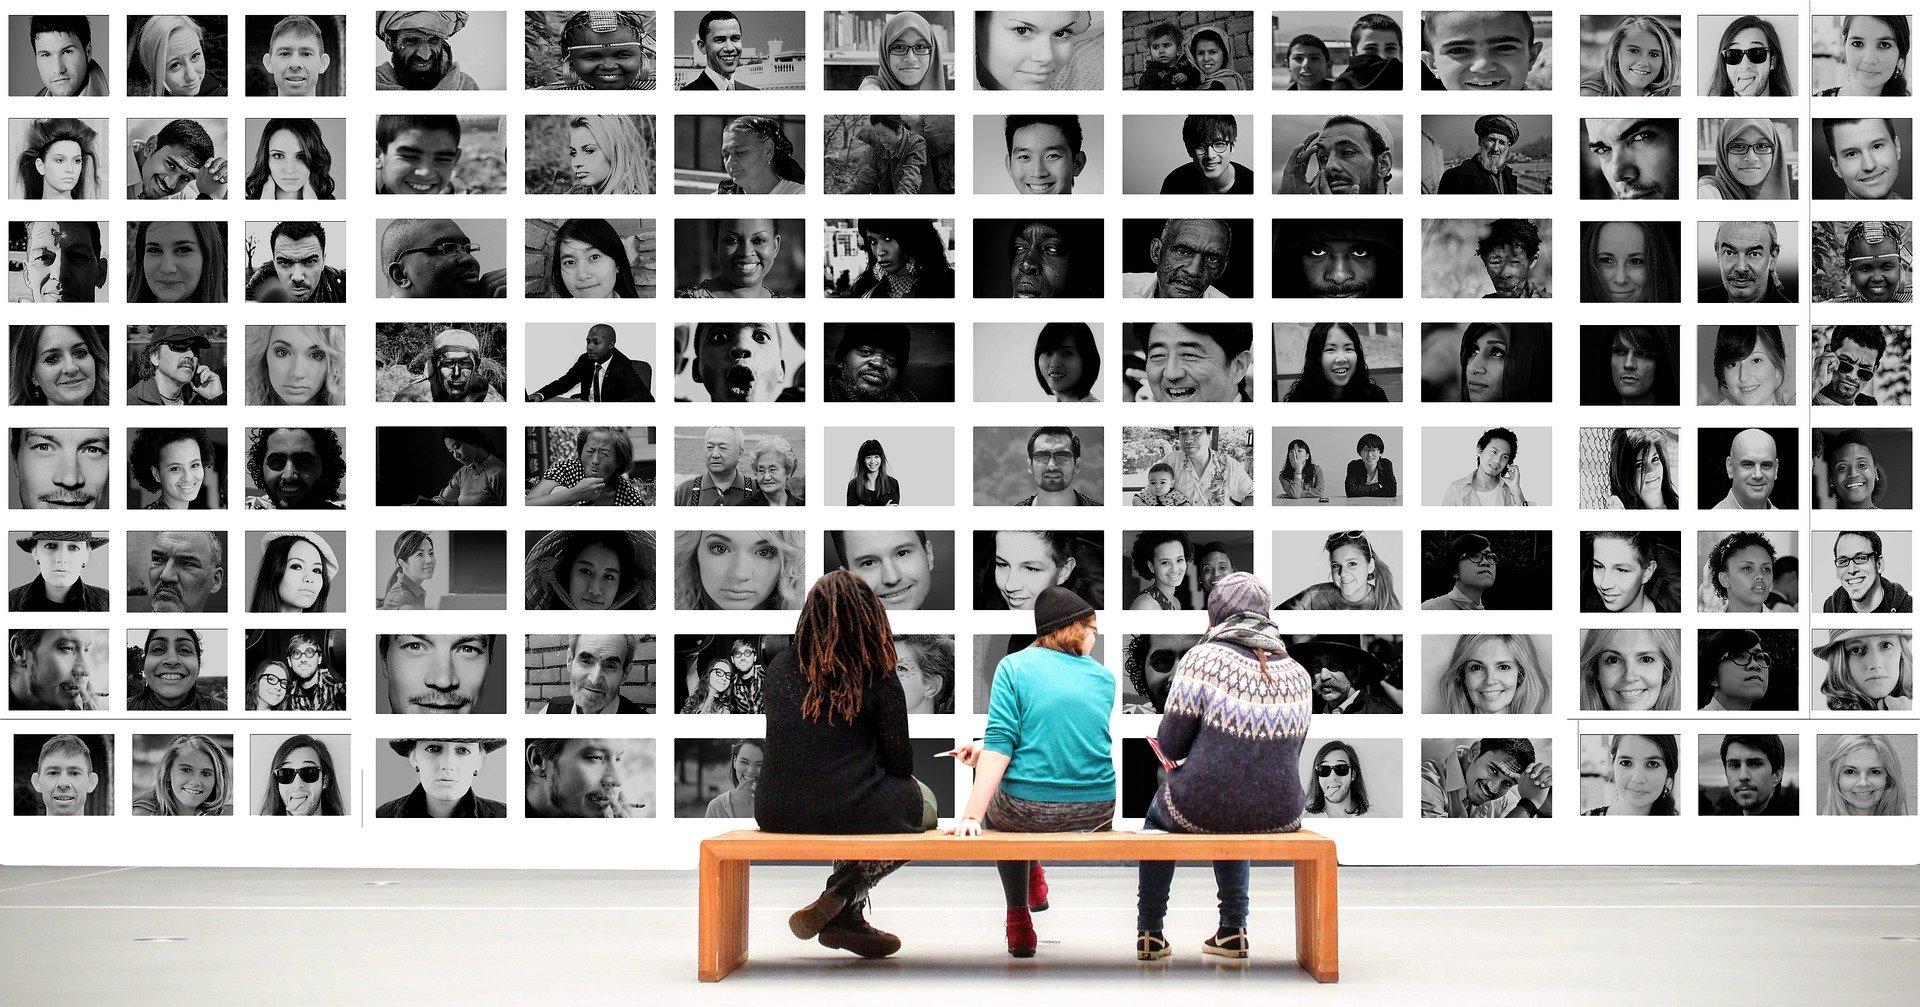 Les règles de communication ont changé et le monde digital crée des dérives